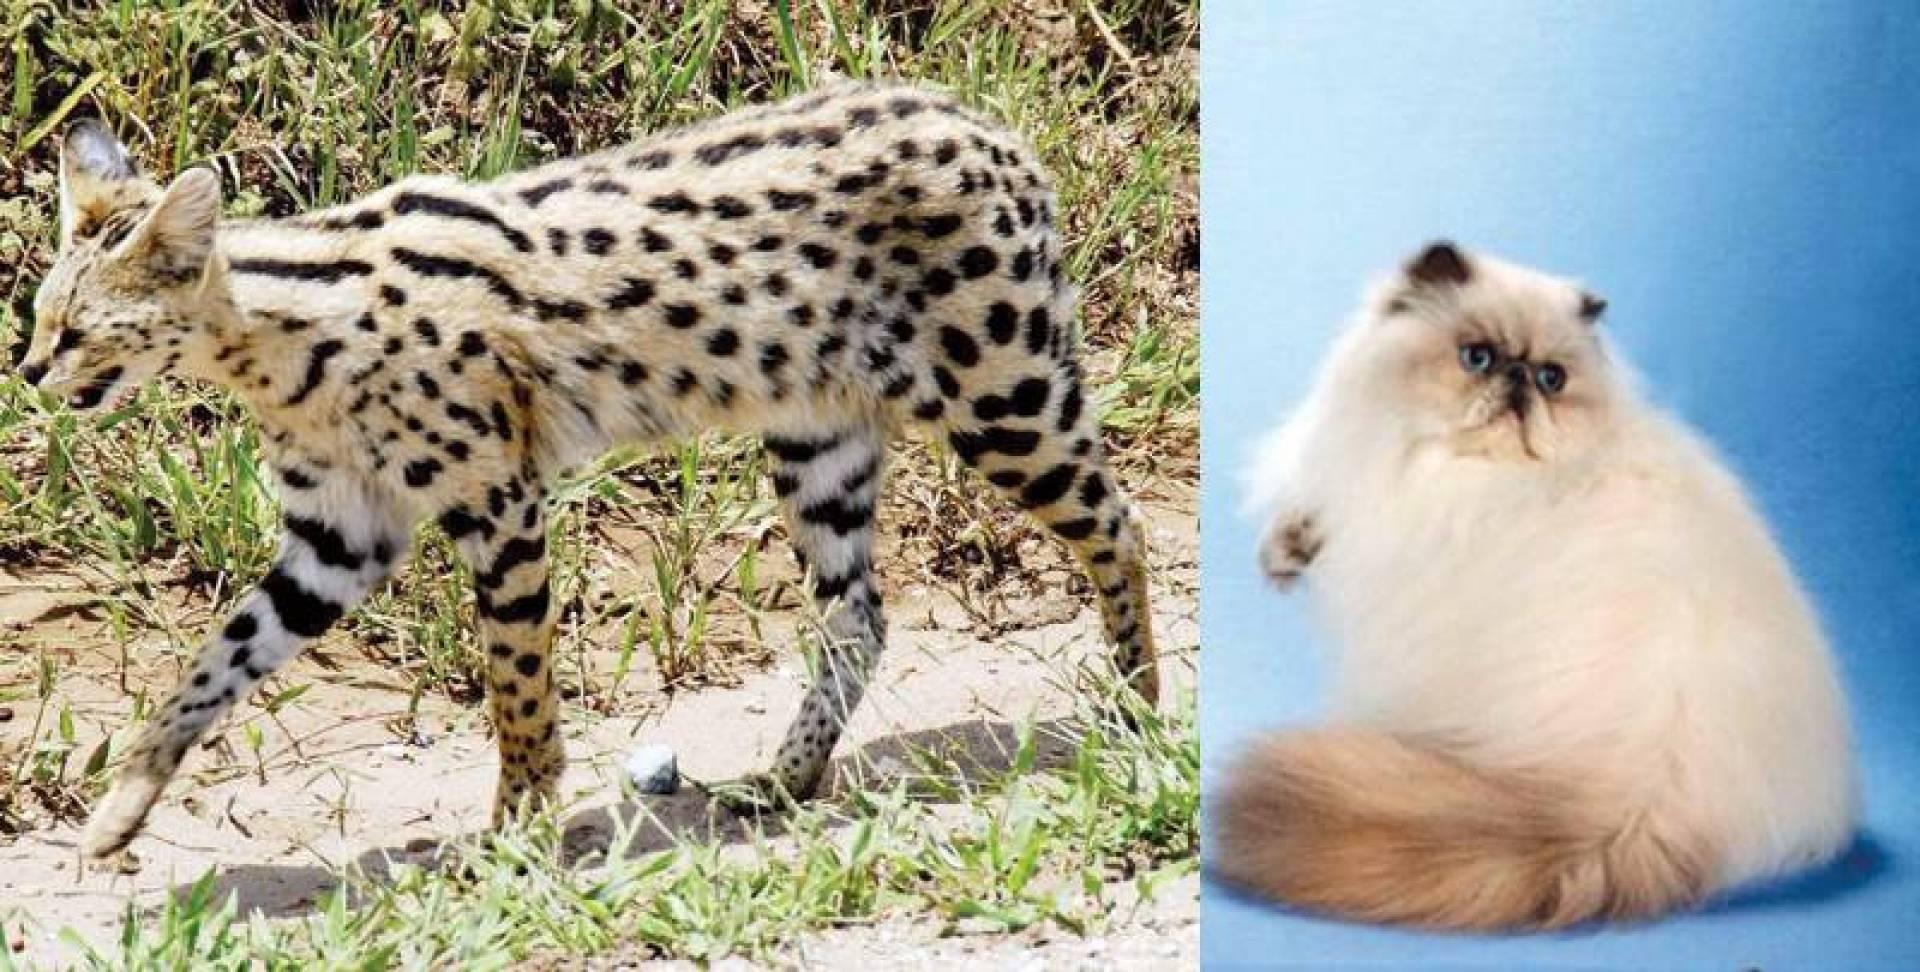 إحدى قطط ساندرا السميط - قطة من فصيلة سيرفال بيعت بـ4 آلاف دينار!